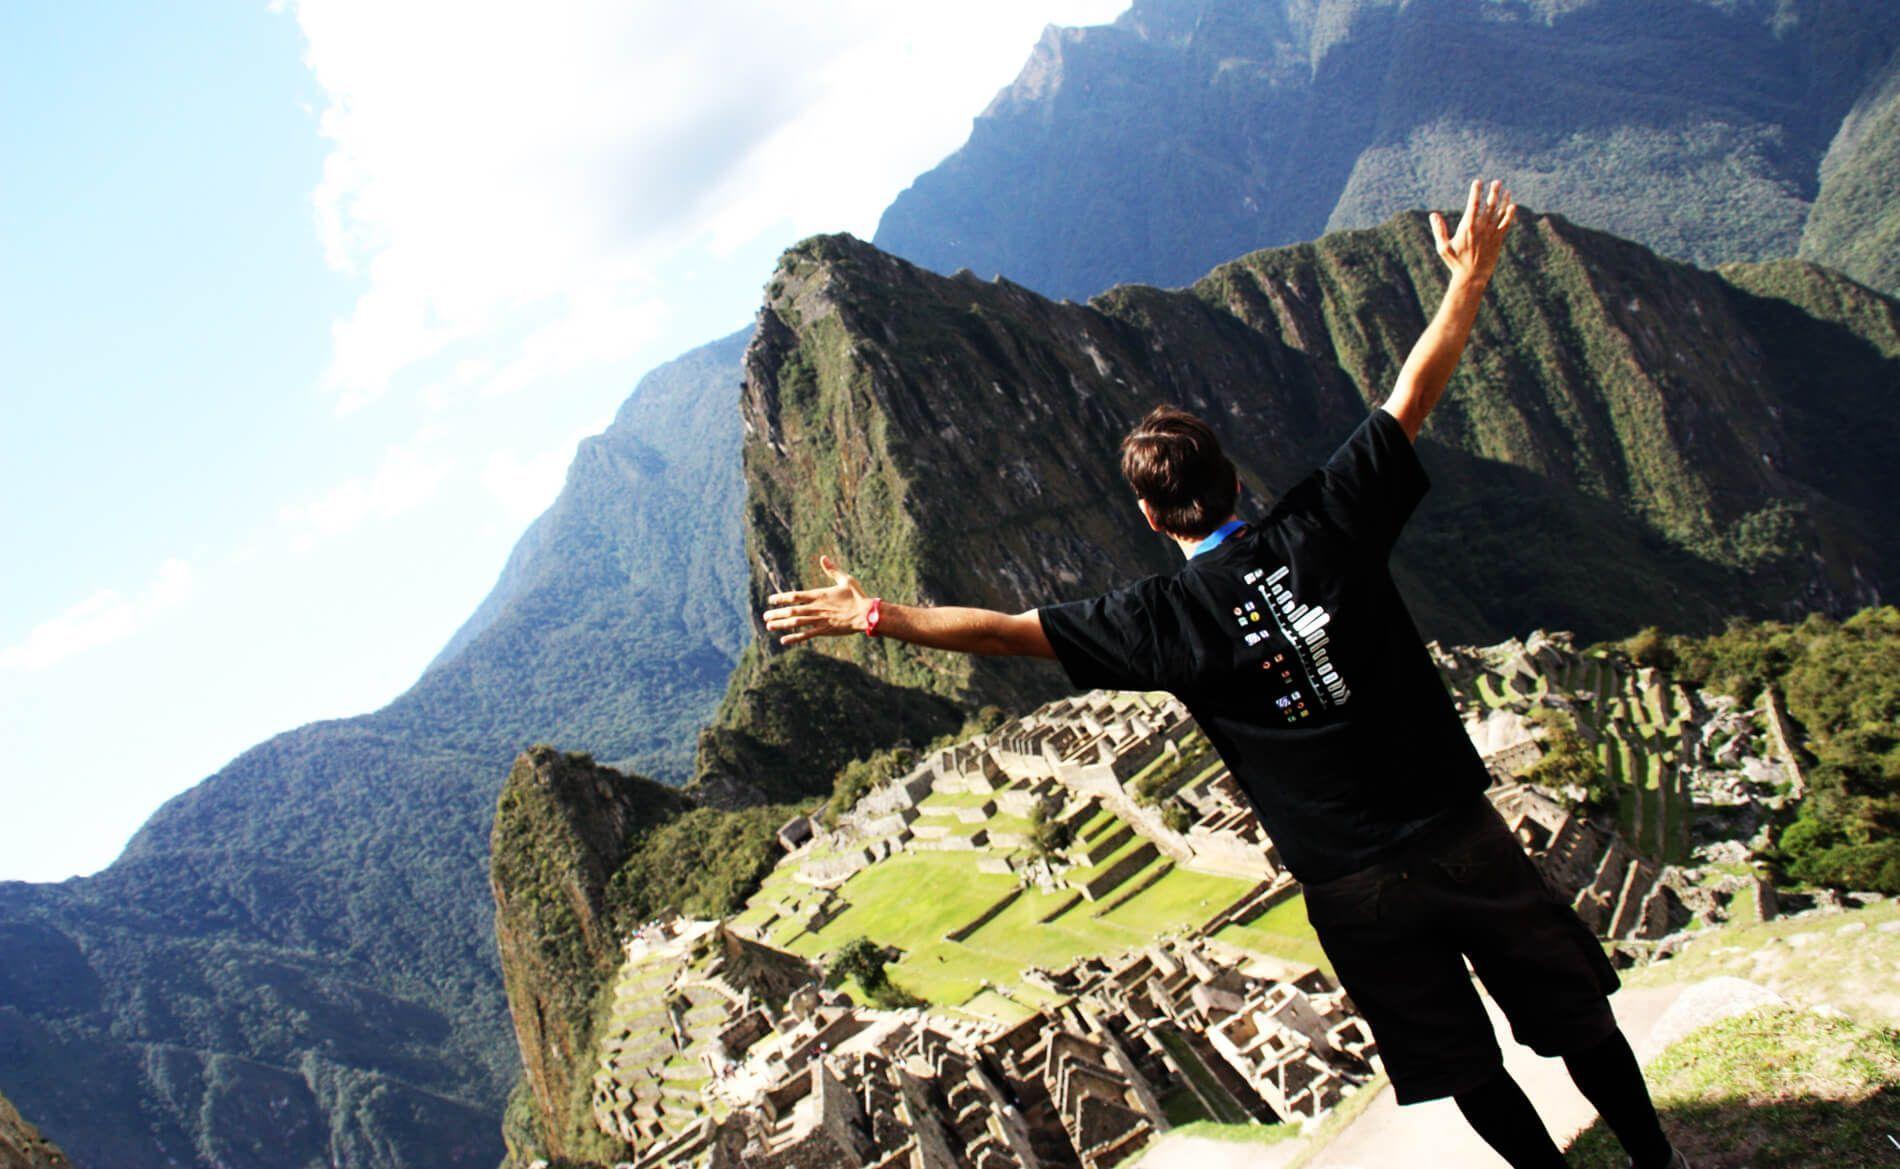 Espectacular vista del Machu Picchu en Perú